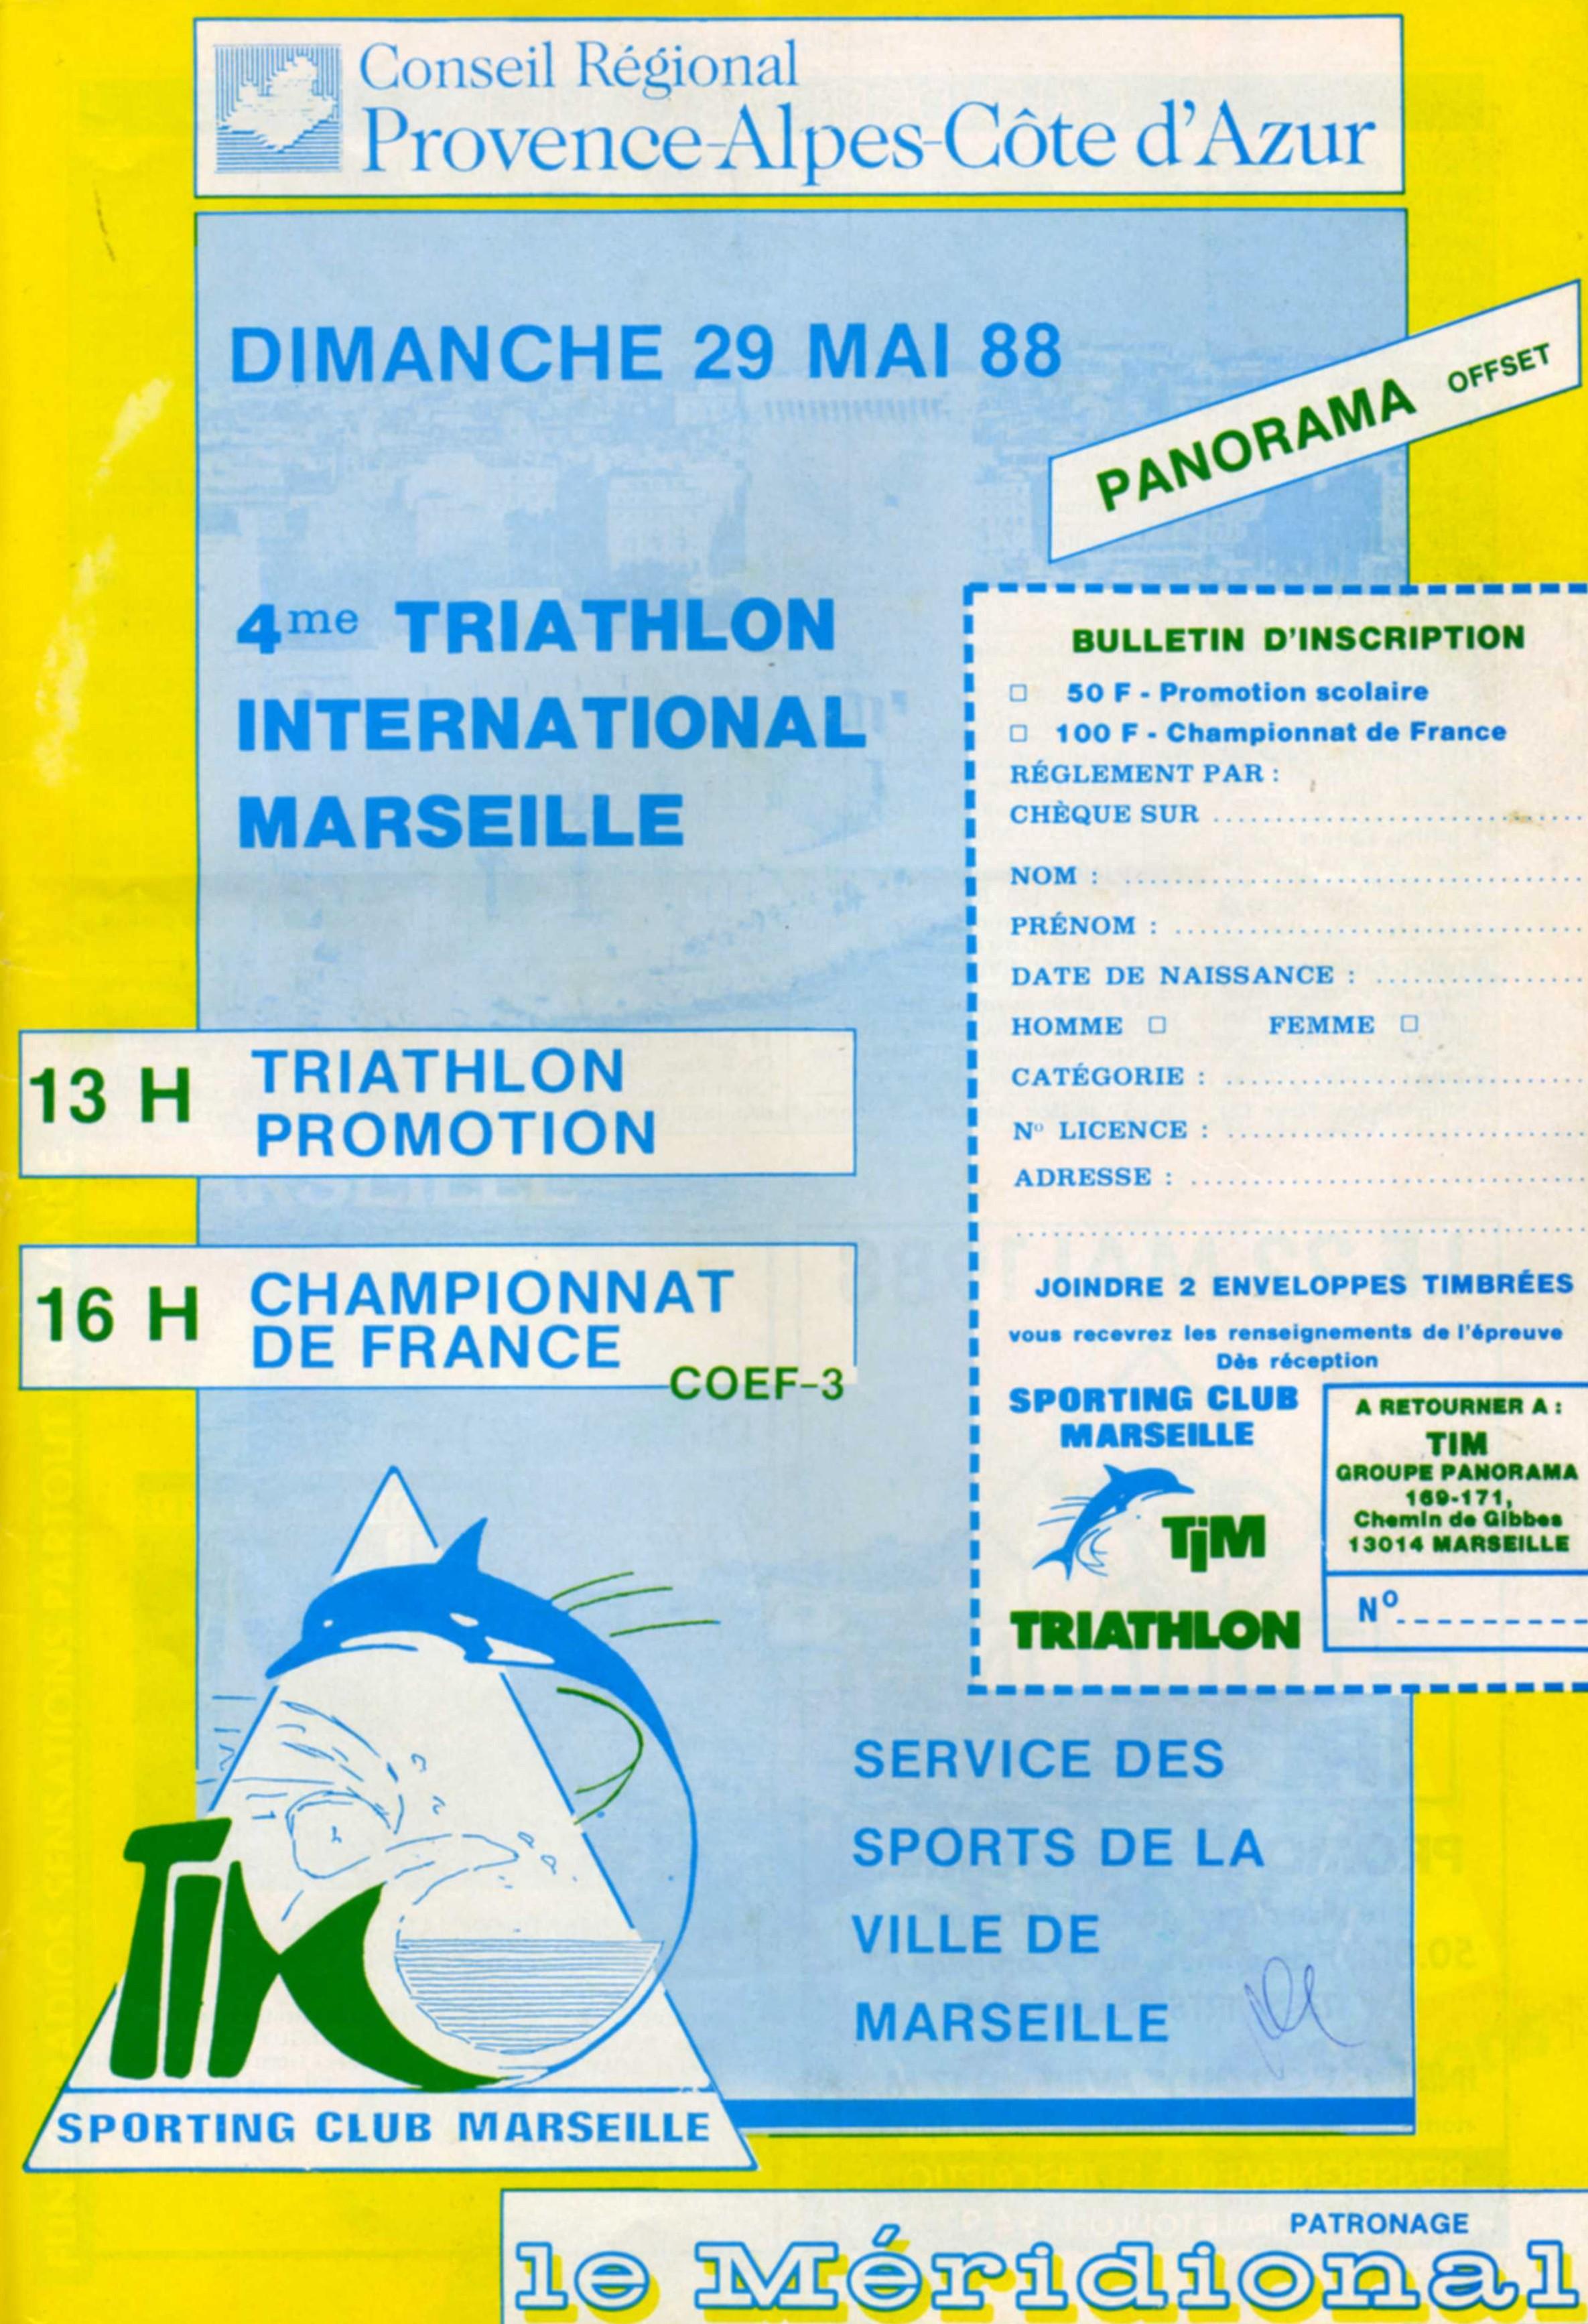 img958_29-05-1988_marseille